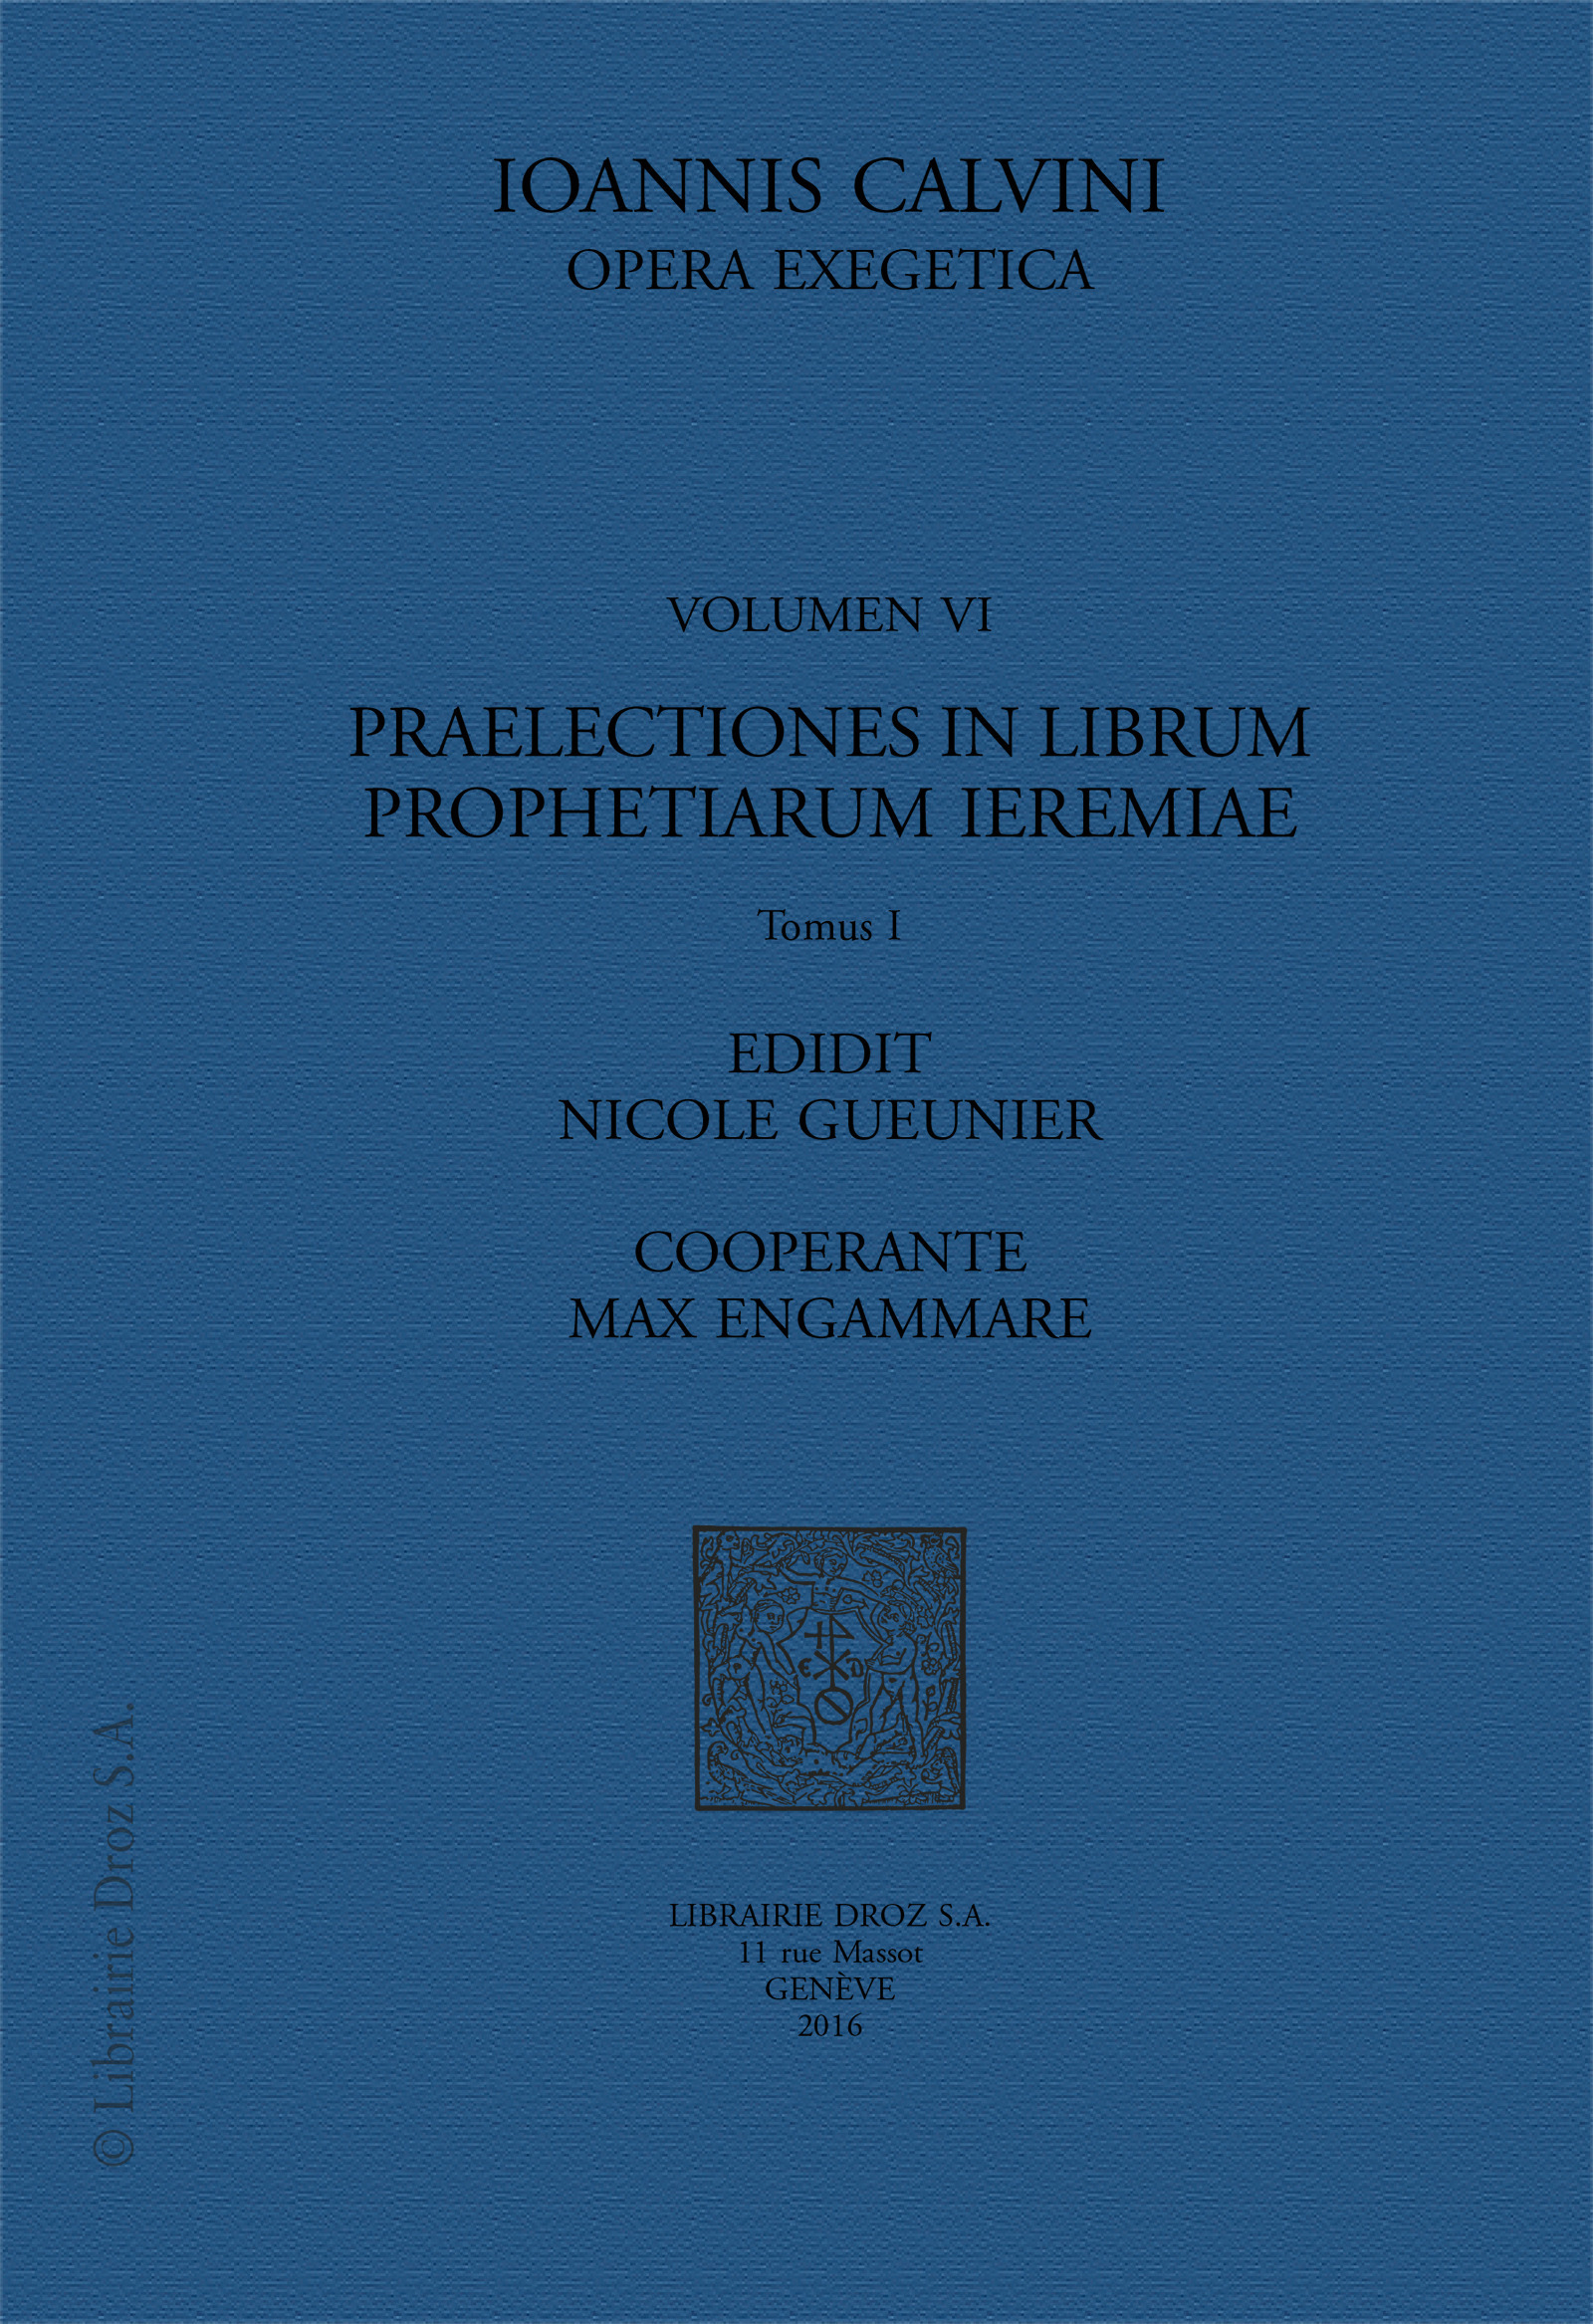 Praelectiones in librum prophetiarum ieremiae  et lamentationes